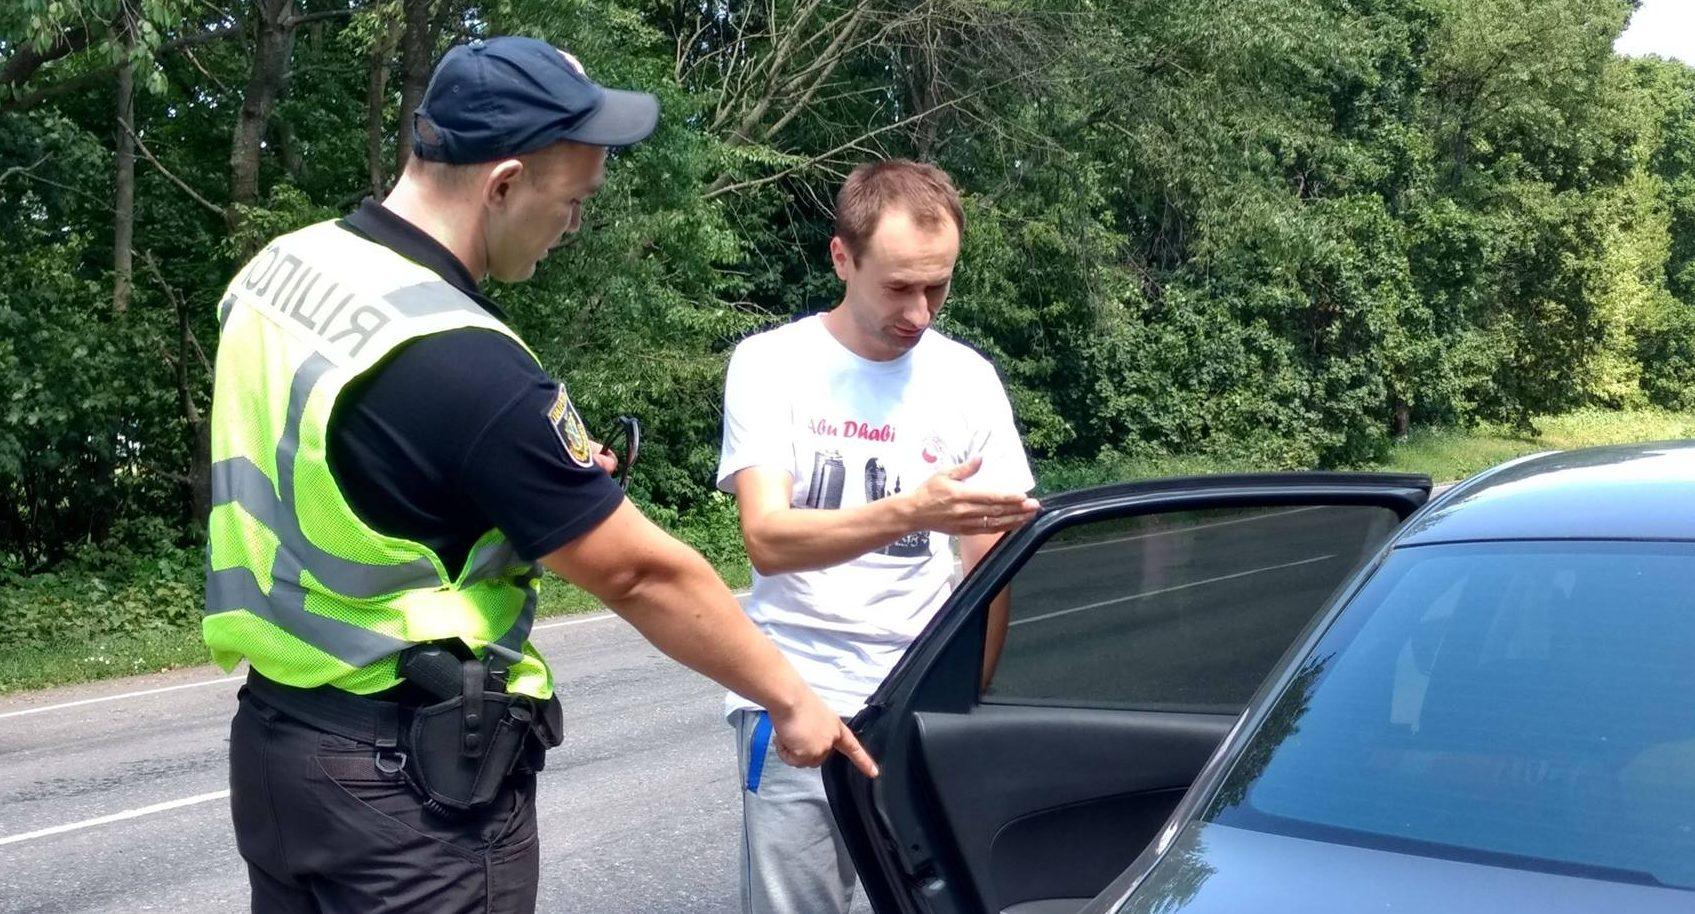 Названы главные ошибки водителей в случае, когда их останавливает полиция 1